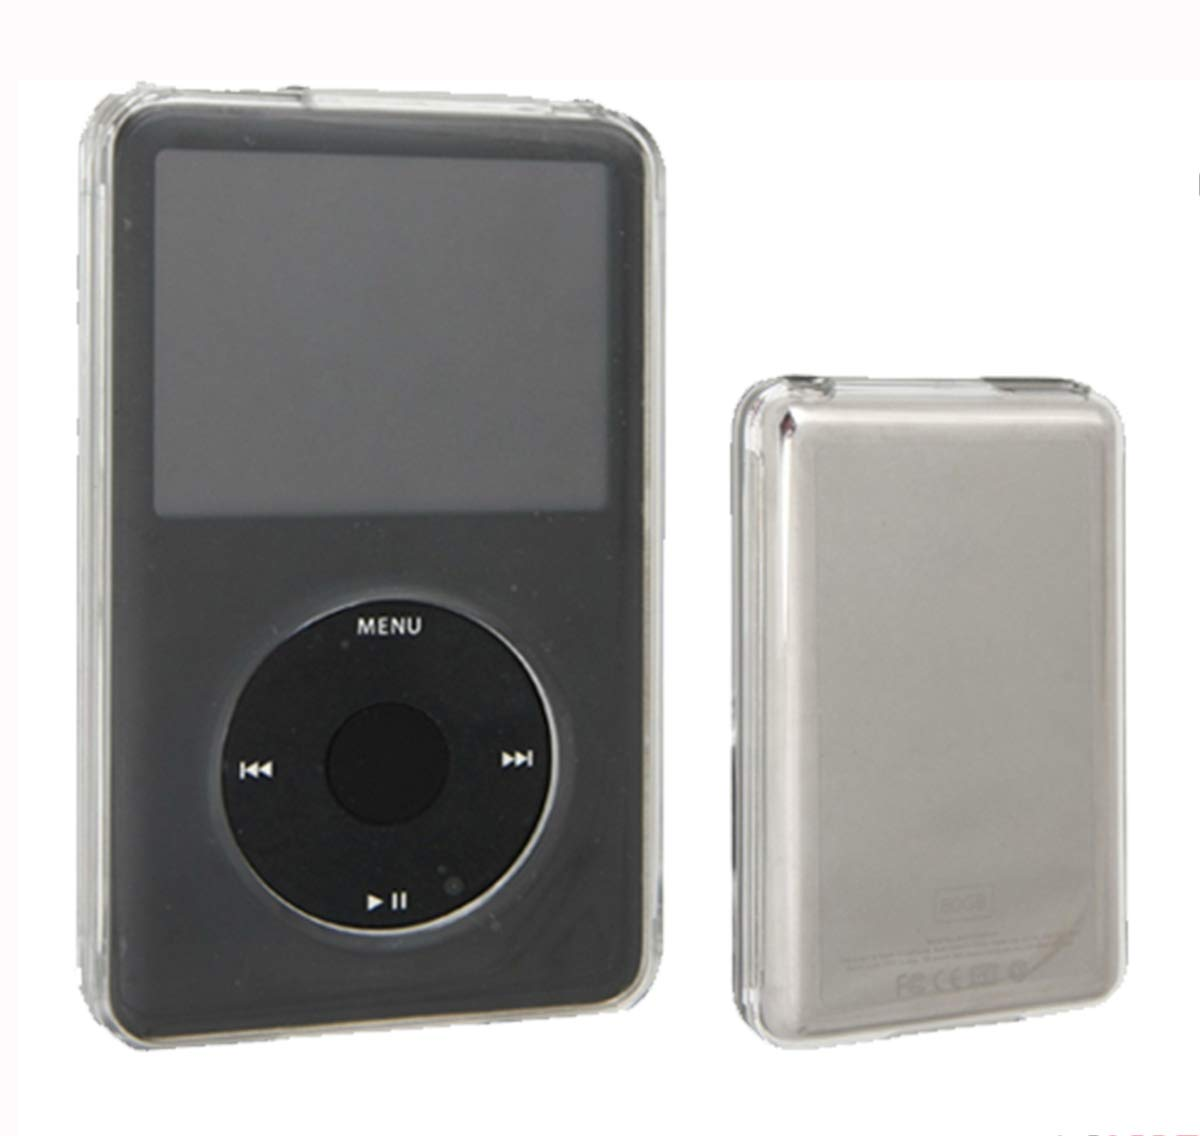 クリアハードケース クリスタル保護カバー iPod Classic 80g 120g 3Generation 160g Vedio 2 Geberation 30g   B07NYF1JML